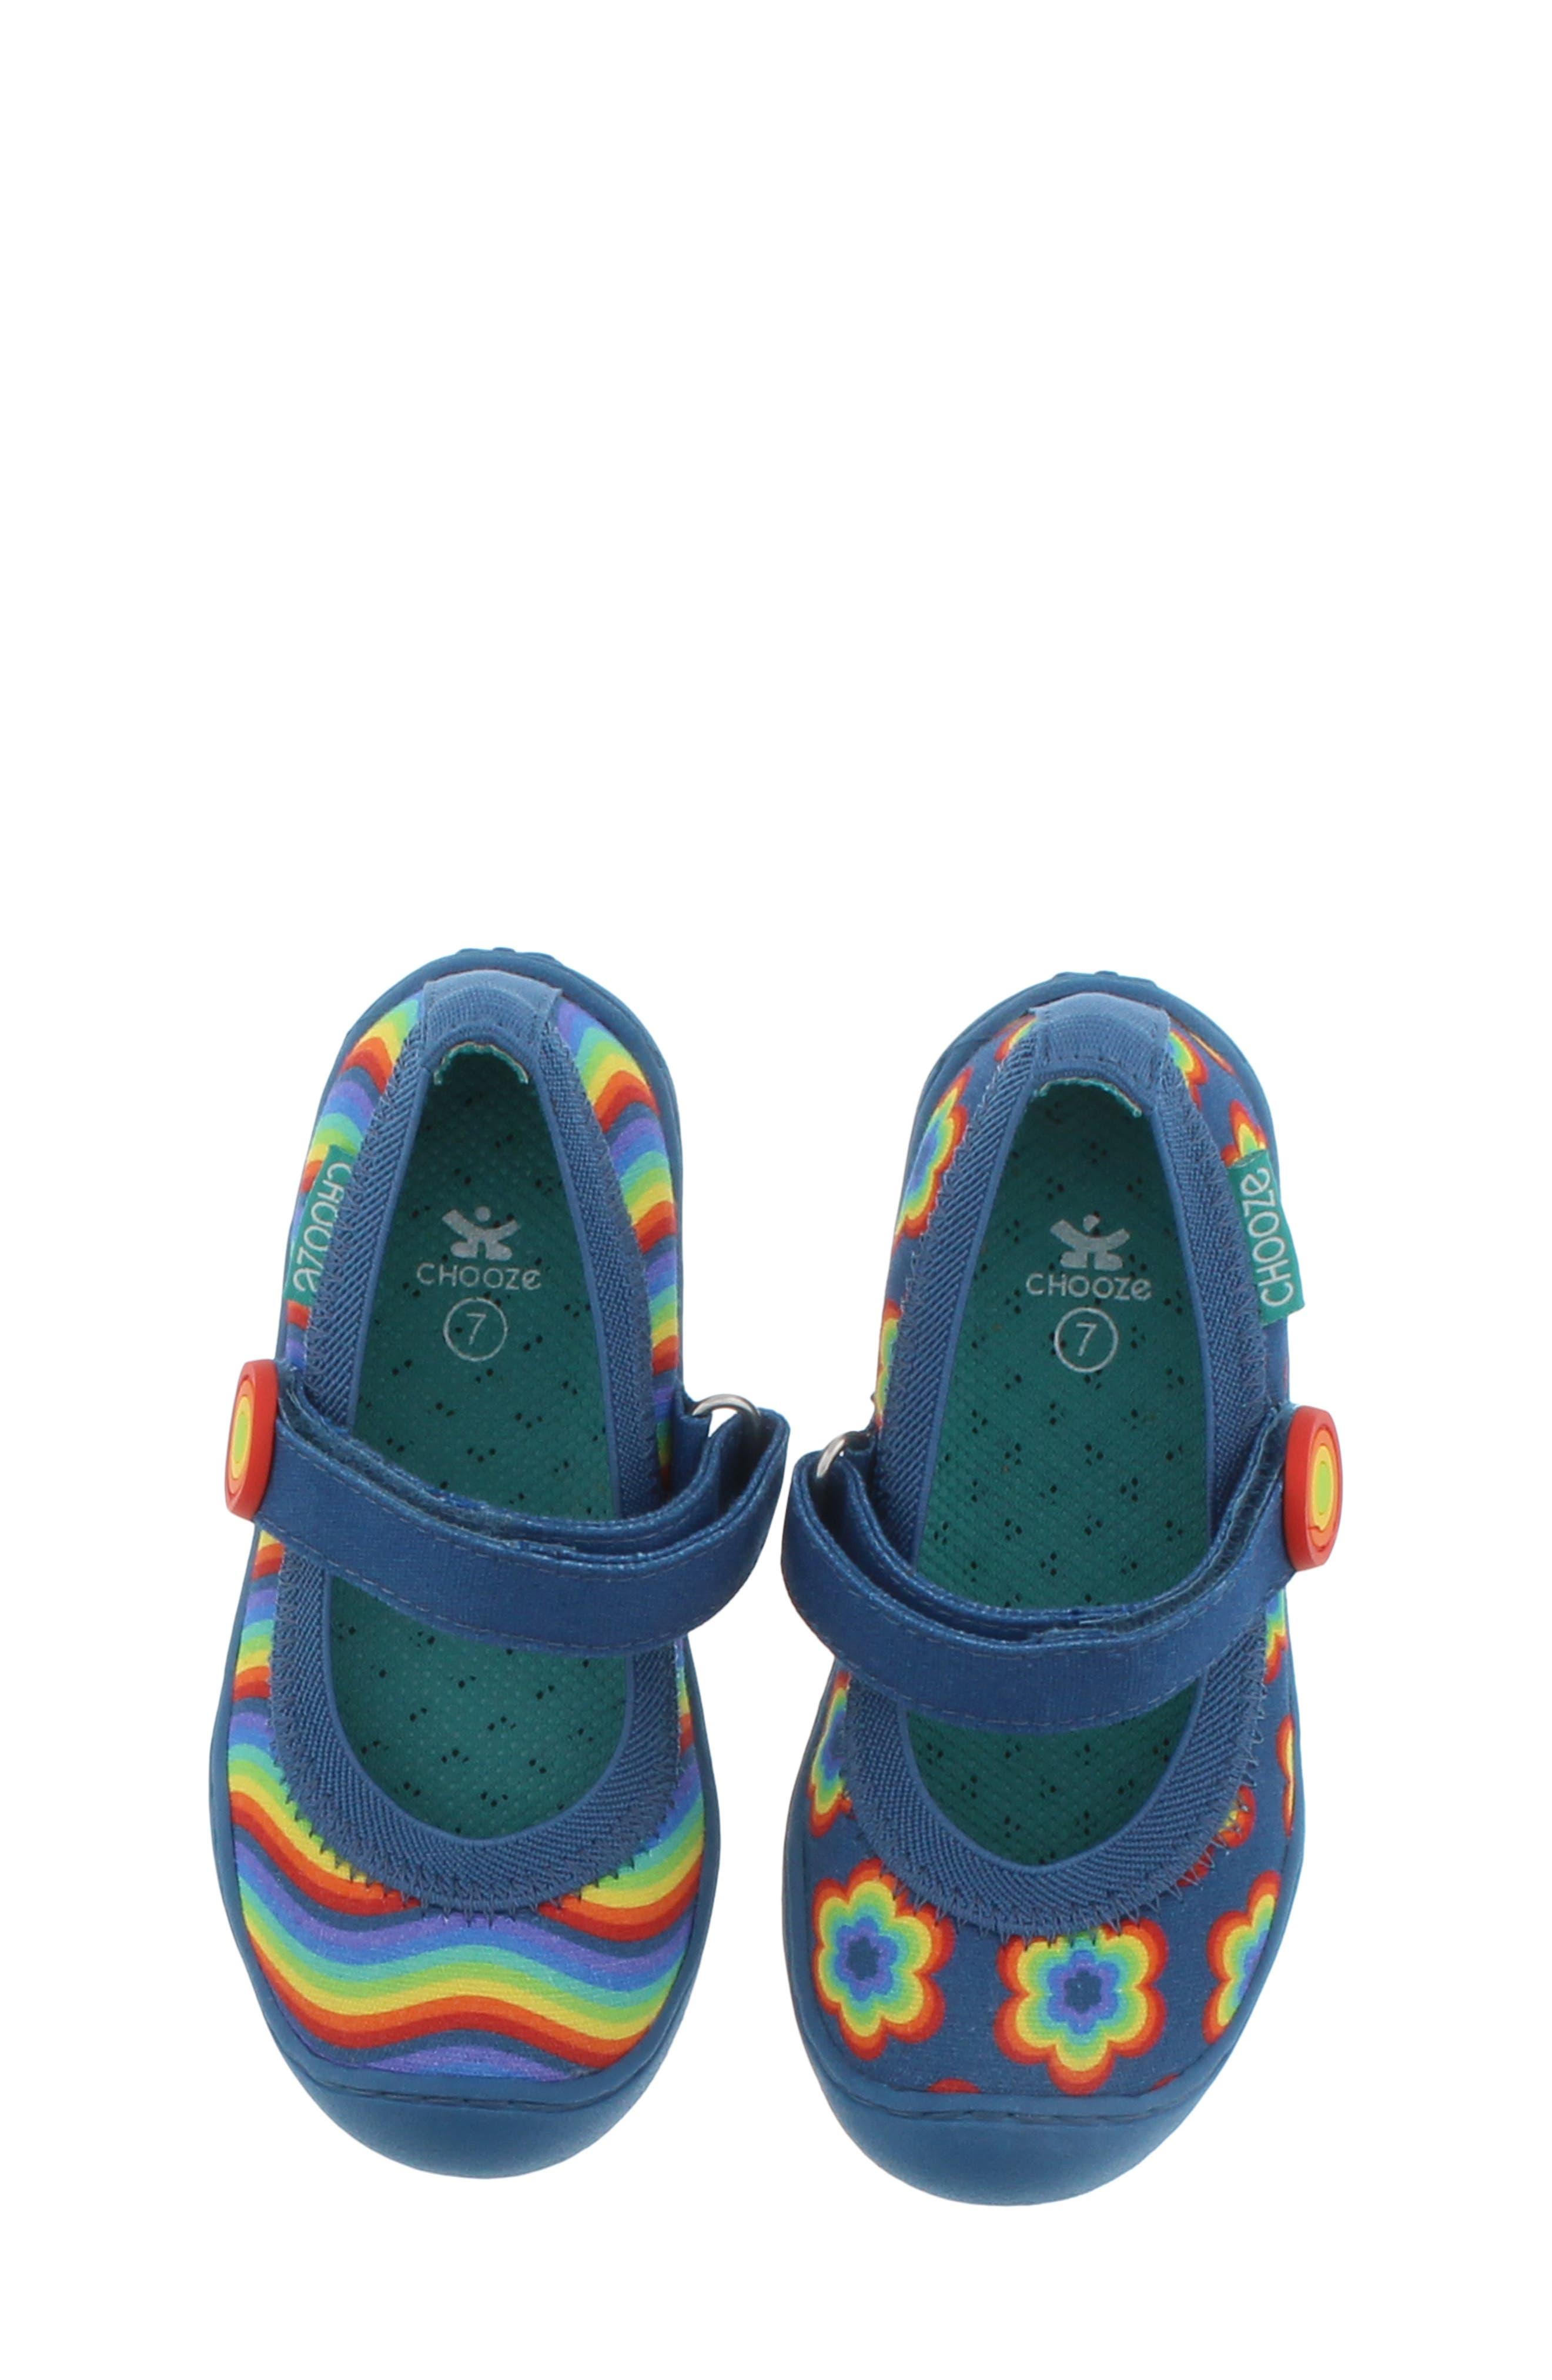 085544736d885c CHOOZE Shoes